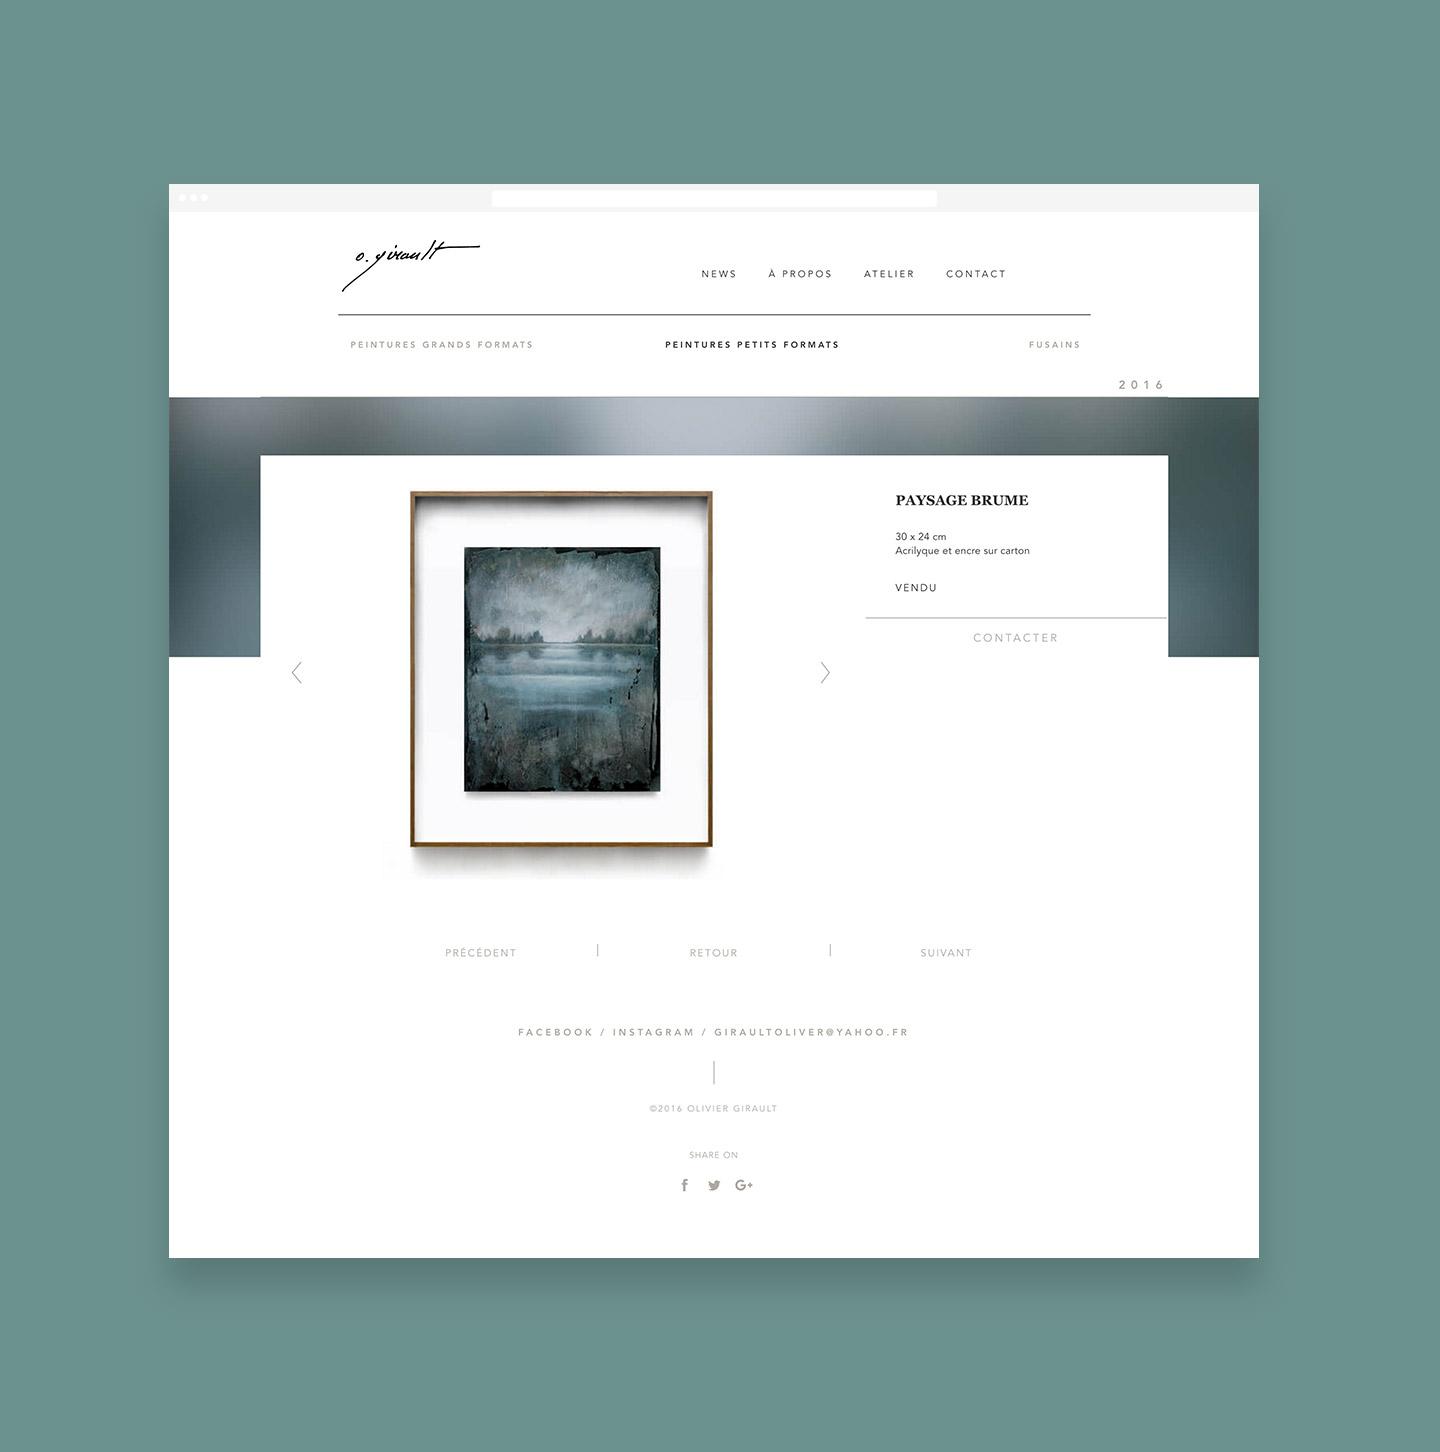 olivier-girault-jefmillotte-02